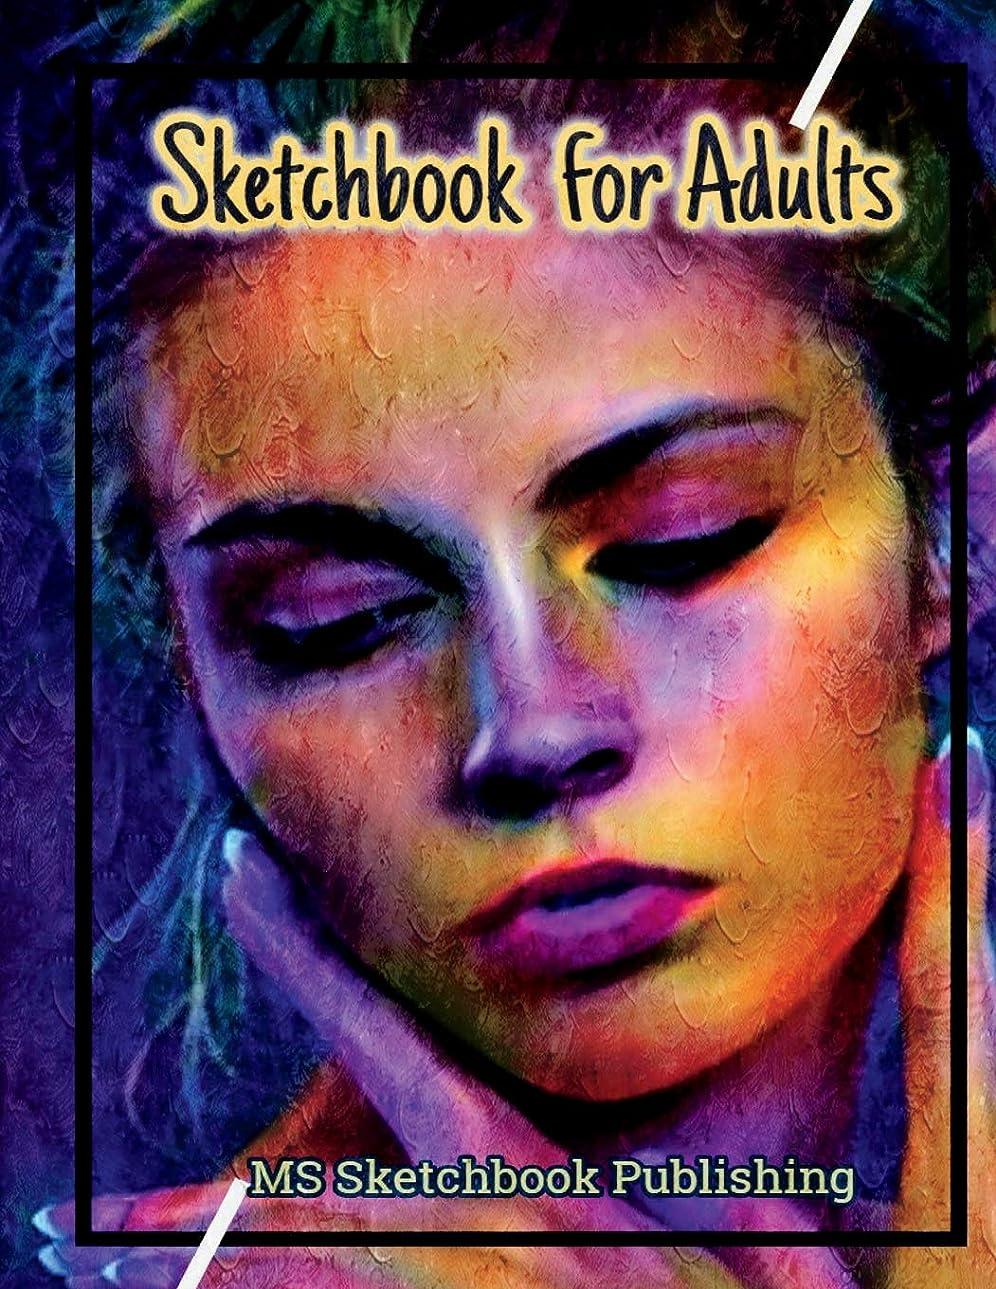 どれかから聞くプレフィックスSketchbook for Adults: Drawing & Sketchbook for Adults, Improving and Practicing Drawing & Doodling Skills, Art Journal for Adults (8.5x11 Inches, Beautiful Oil Painting Cover), 150 Blank Pages for Drawing, Sketching and Doodling(V9)